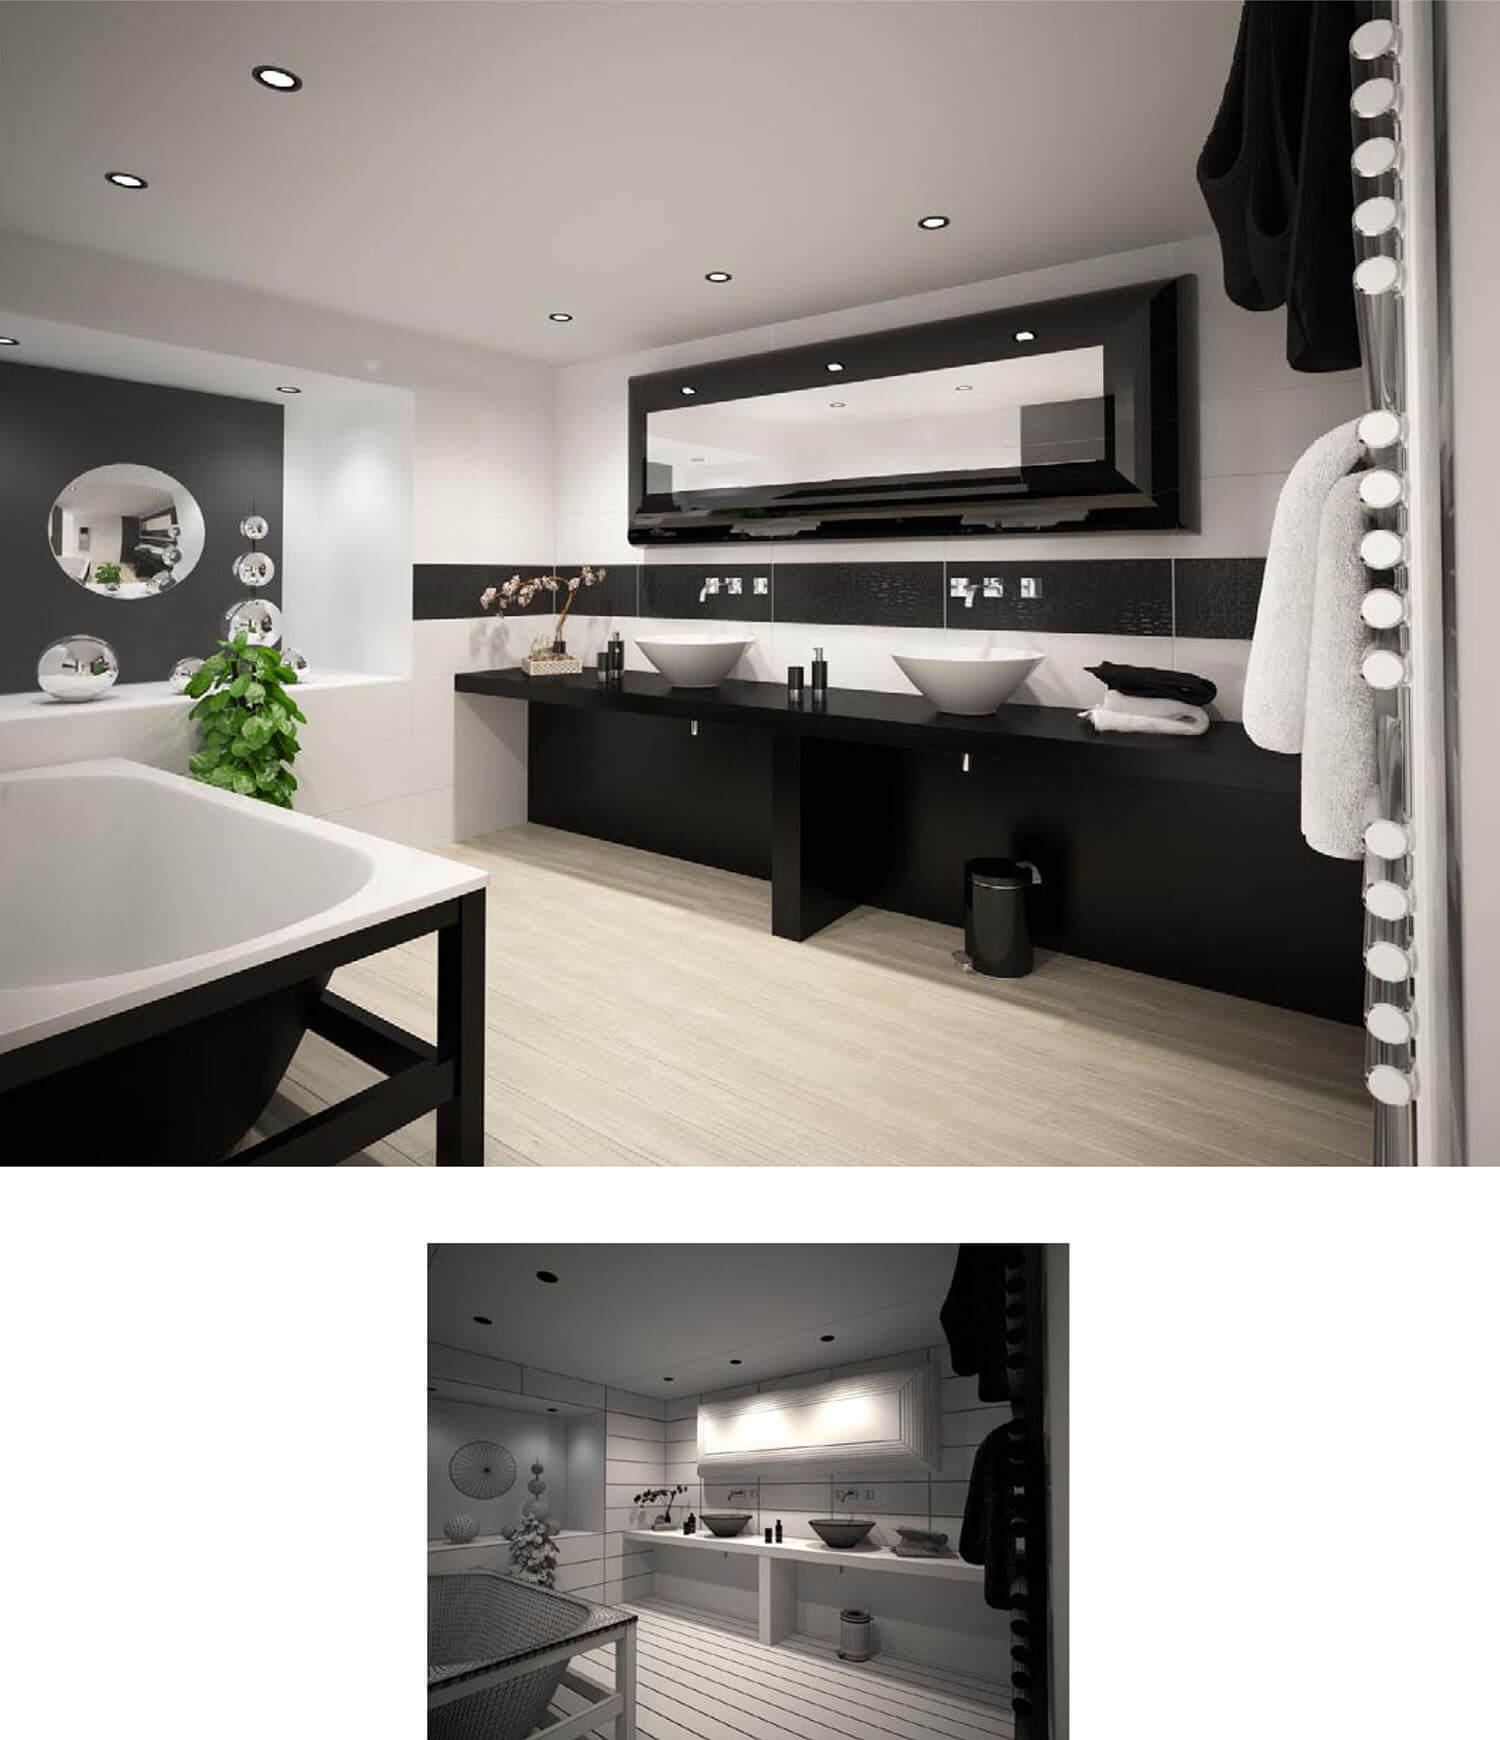 Nội thất phòng tắm thiết kế ấn tượng với tông màu đen trắng